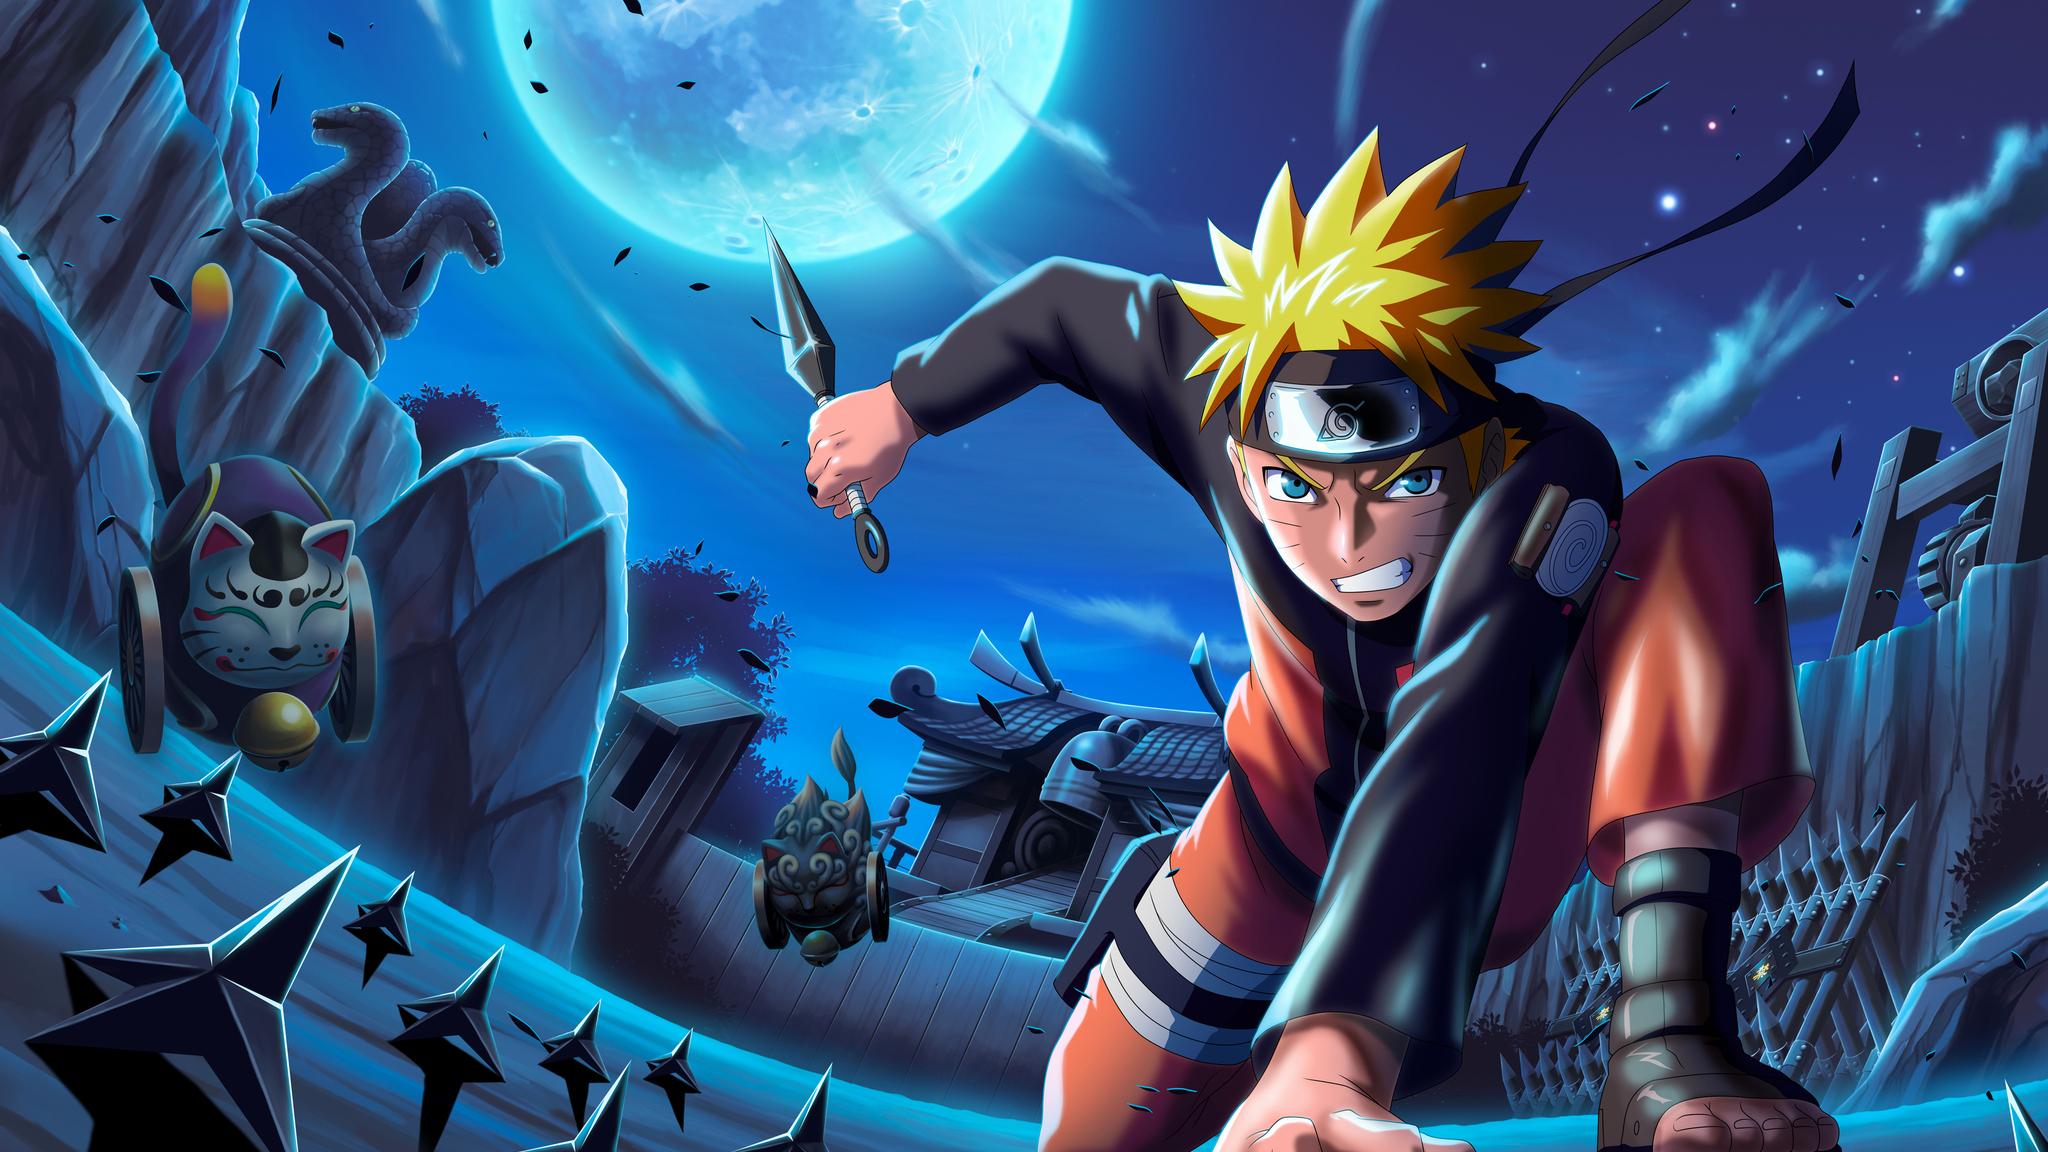 2048x1152 Naruto X Boruto Ninja Voltage 2048x1152 ...